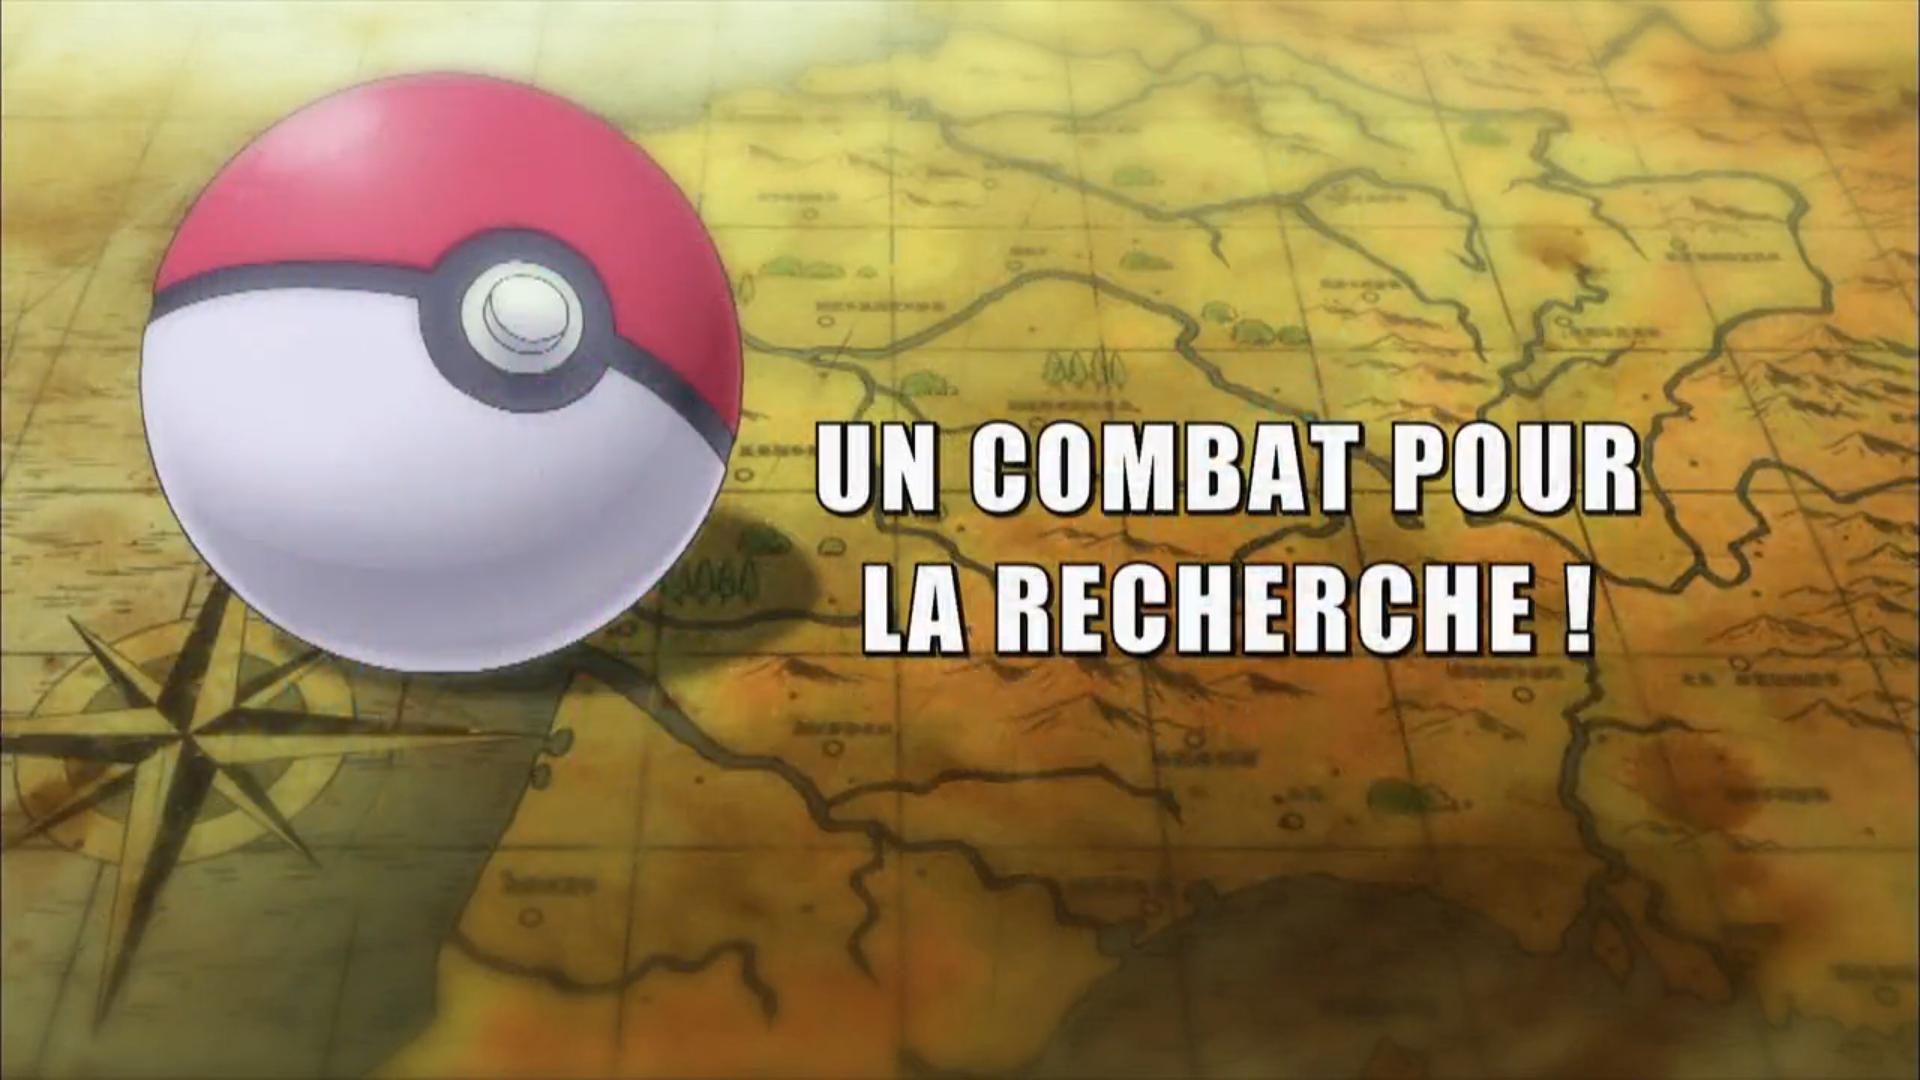 Pokémon - 19x25 - Un combat pour la recherche !